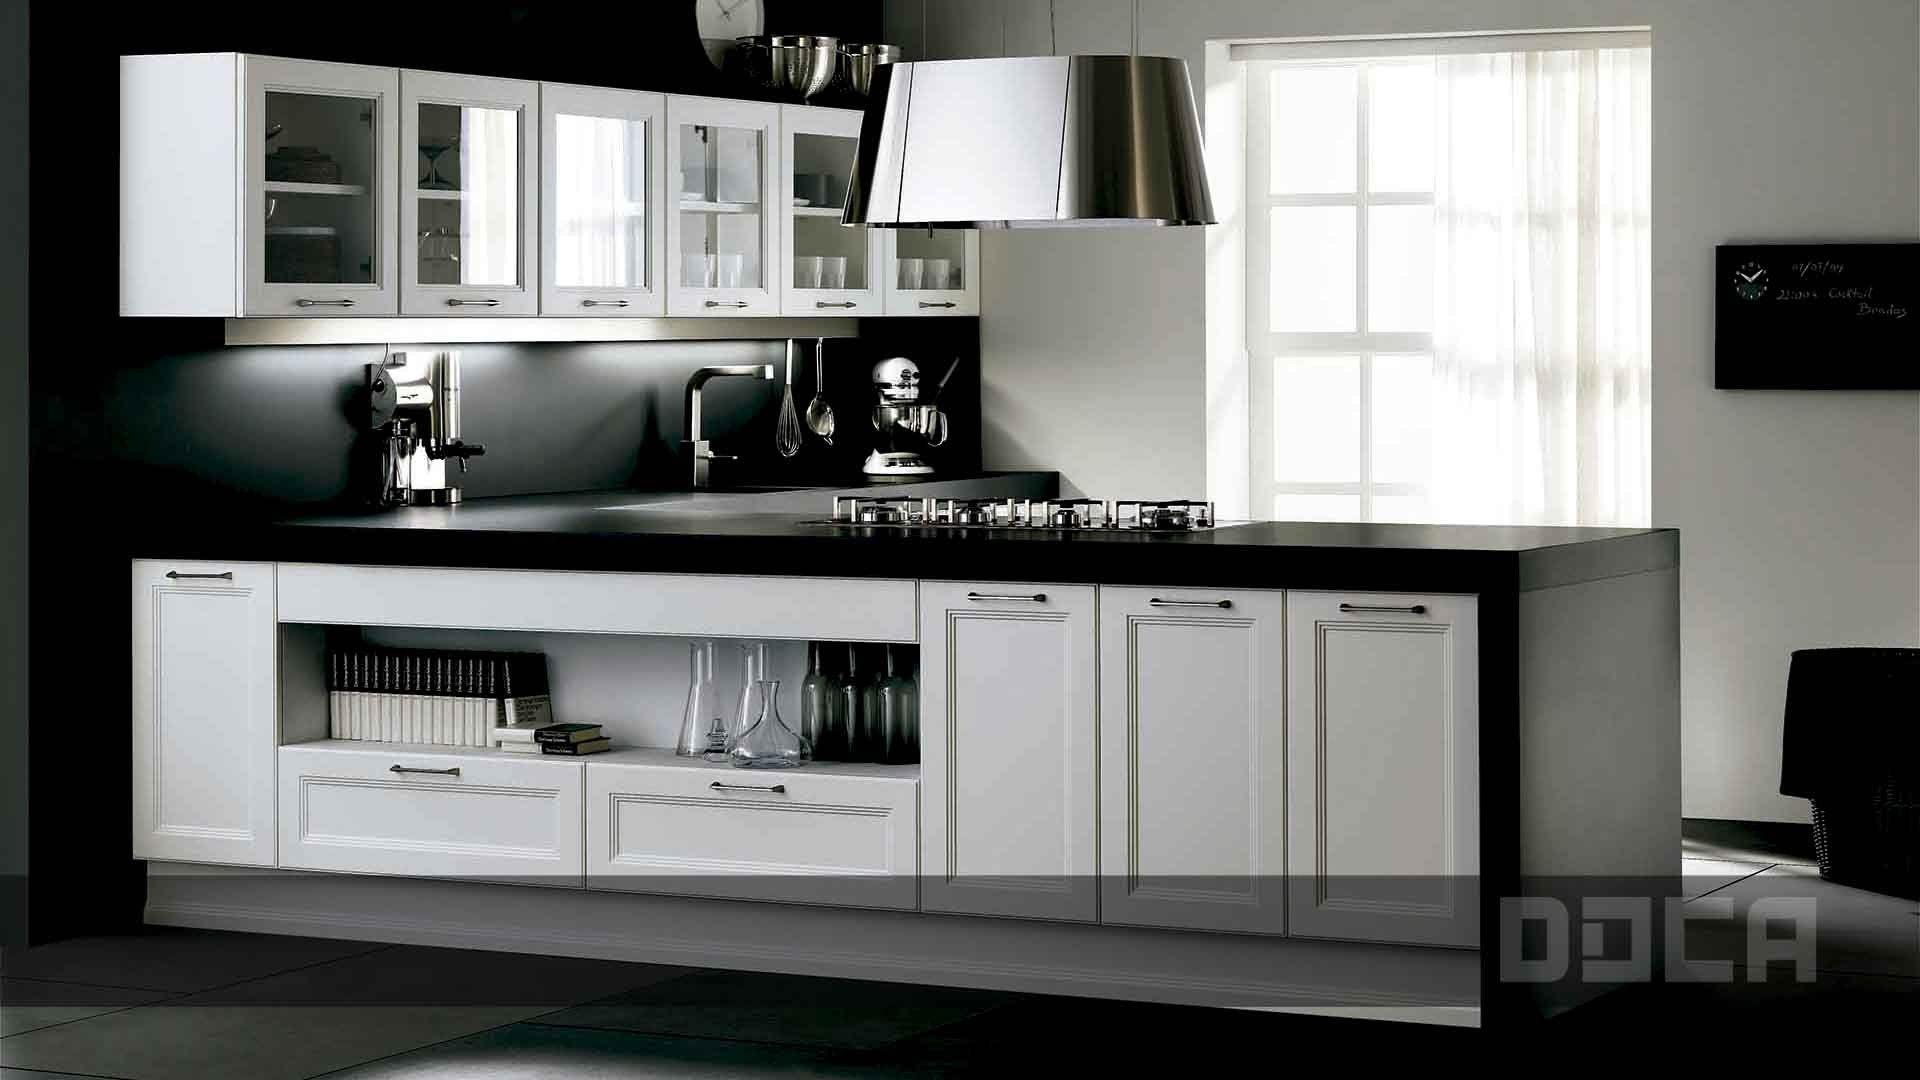 Muebles De Cocina Doca - Diseño Moderno Para El Hogar - Zlit.net